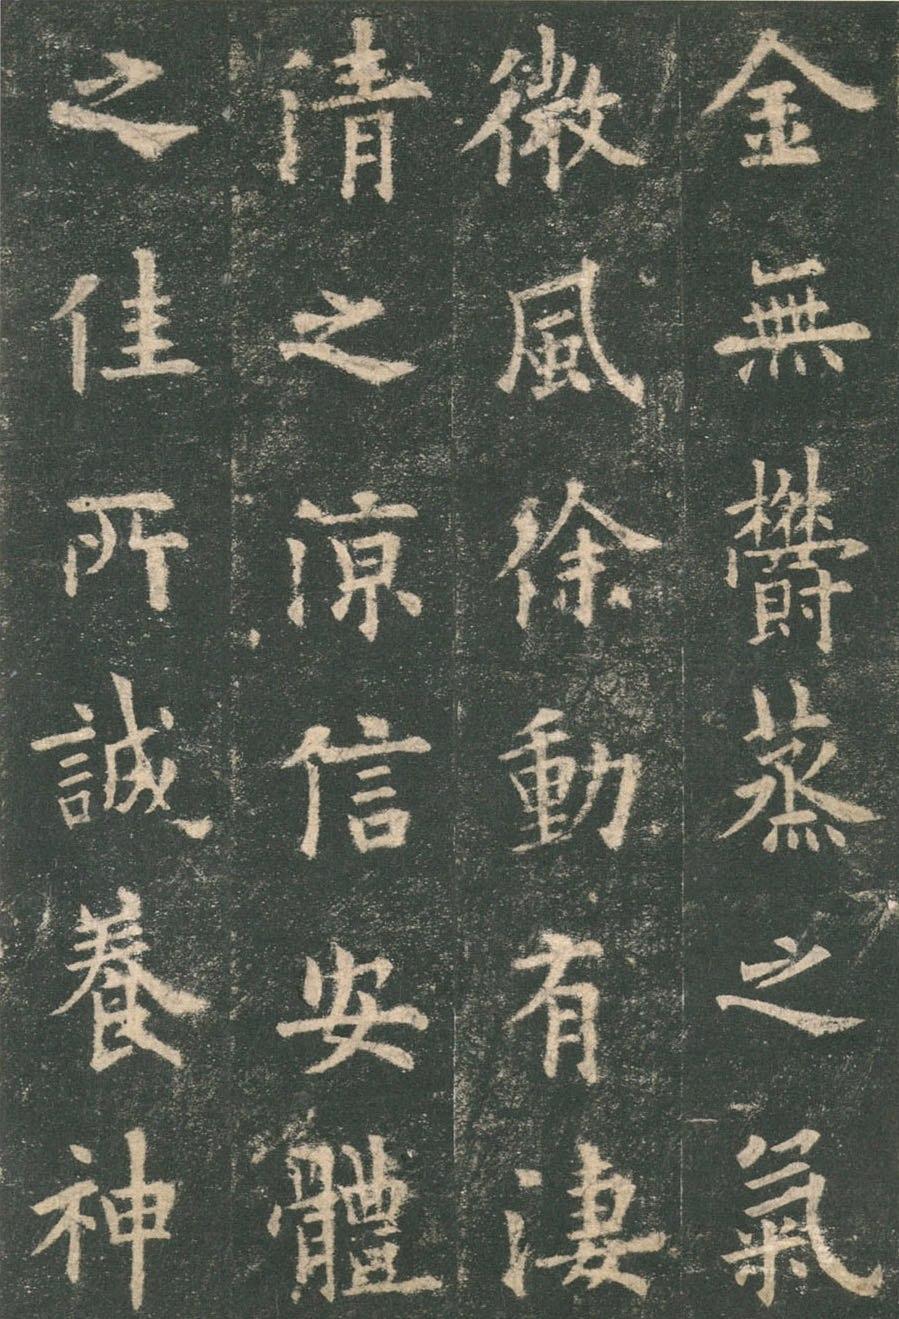 KaishuOuyangxun